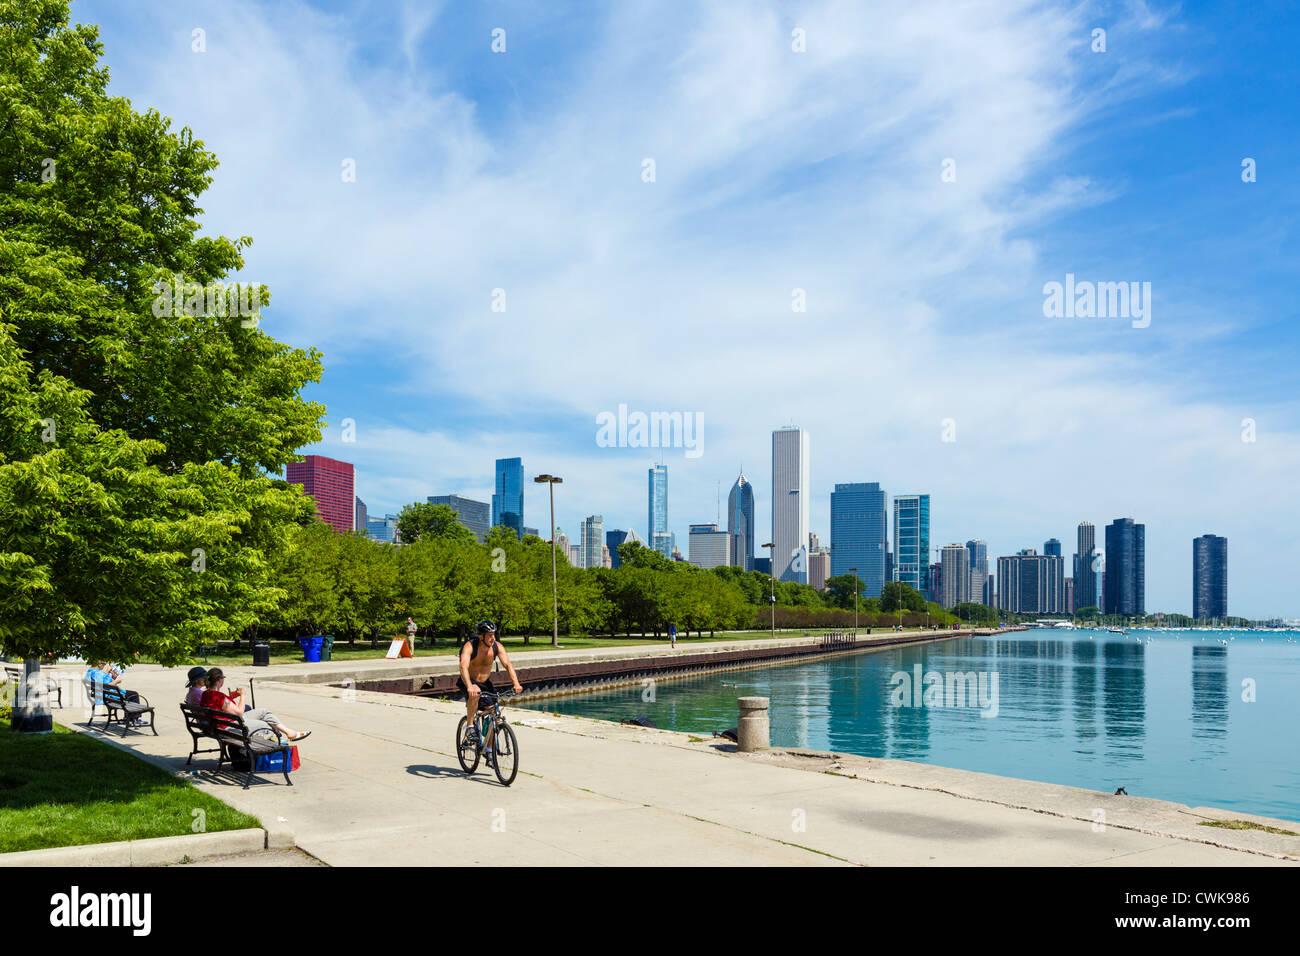 El horizonte de la ciudad de la orilla del lago en el Grant Park, Chicago, Illinois, EE.UU. Imagen De Stock